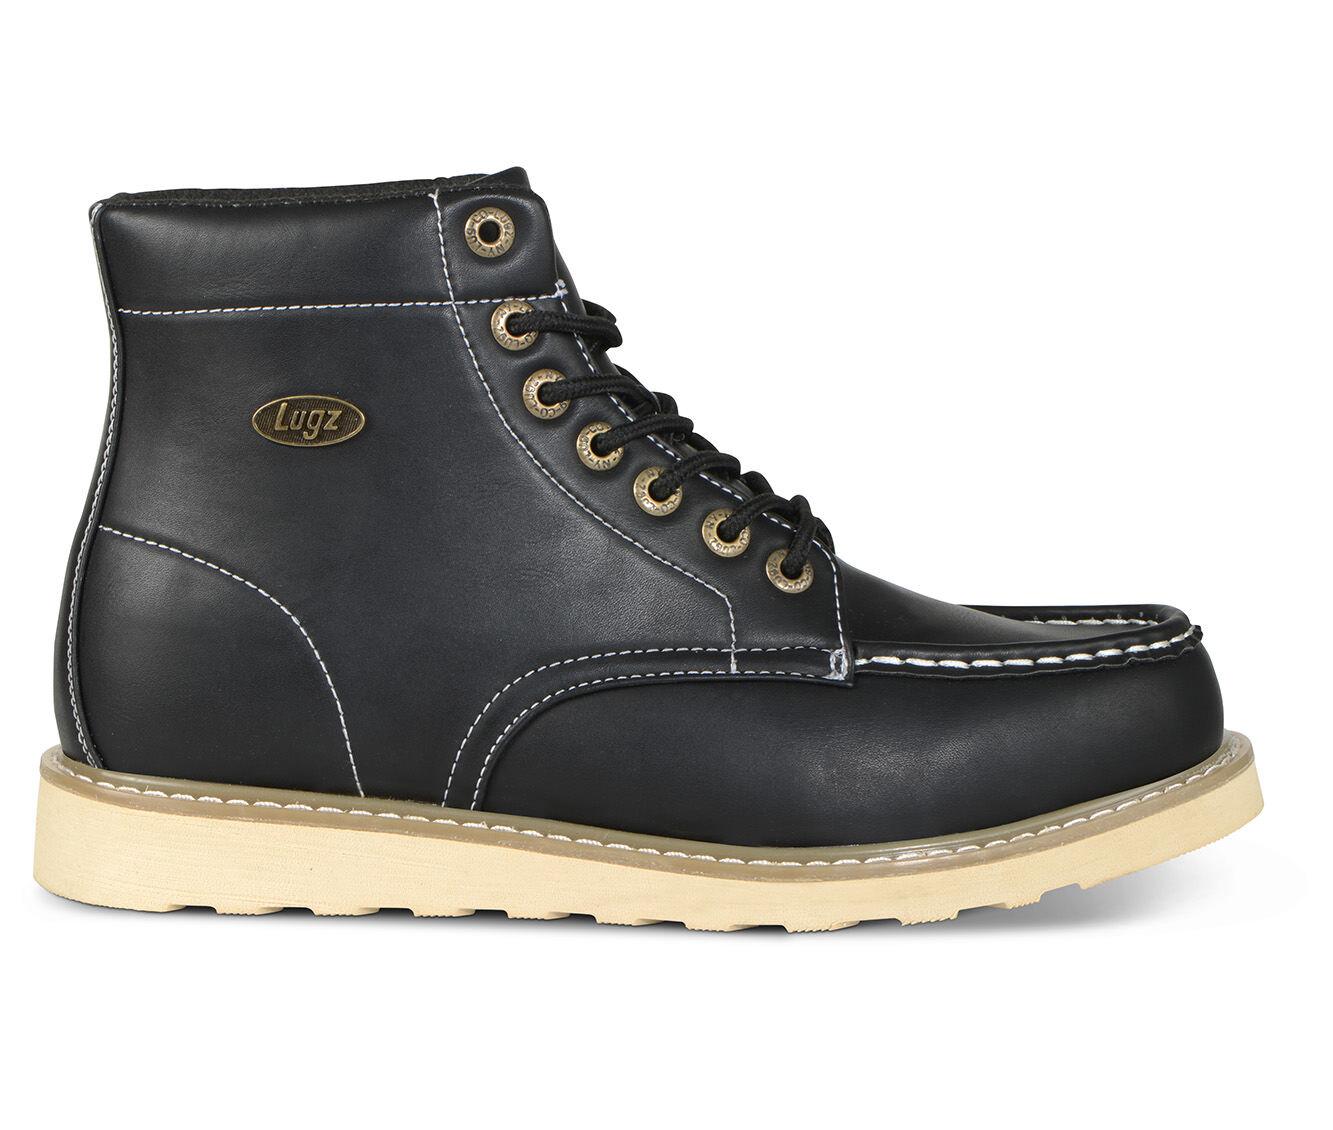 Men's Lugz Roamer Hi Boots Black/Gum/Crm